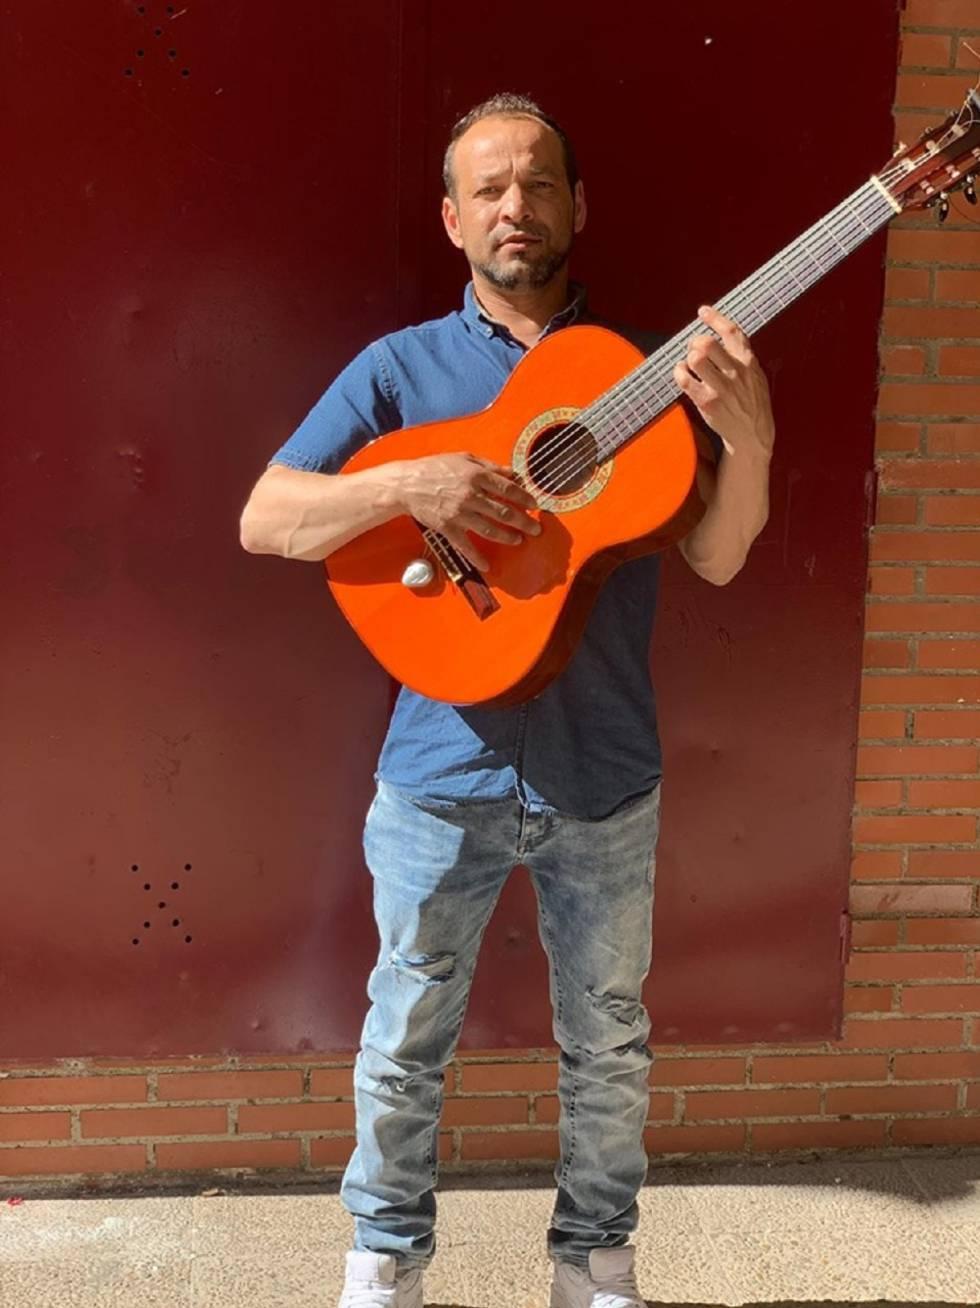 Juanín, en su casa de Aranjuez (Madrid) en una imagen difundida en su Facebook.